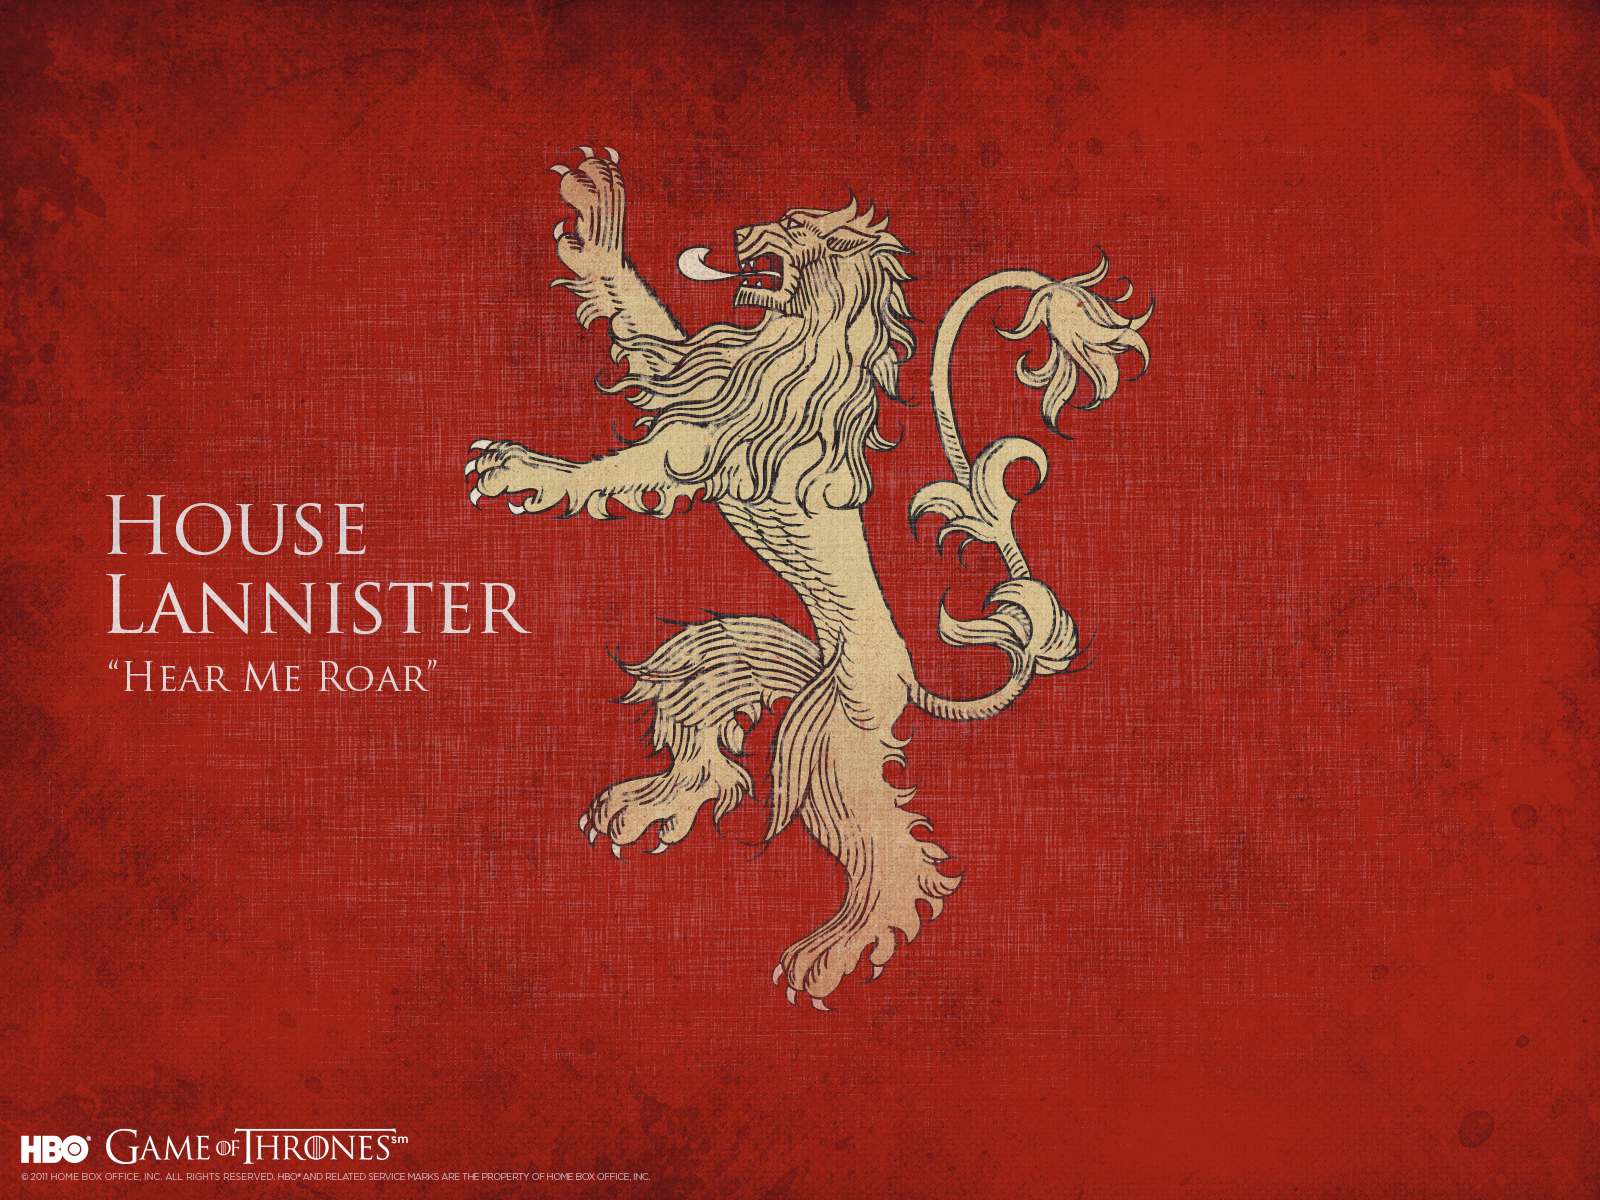 http://1.bp.blogspot.com/-9R5R6lLYsDU/T4QyiGWHNOI/AAAAAAAABIU/hvUmCRZWmFc/s1600/House+Lannister.jpg